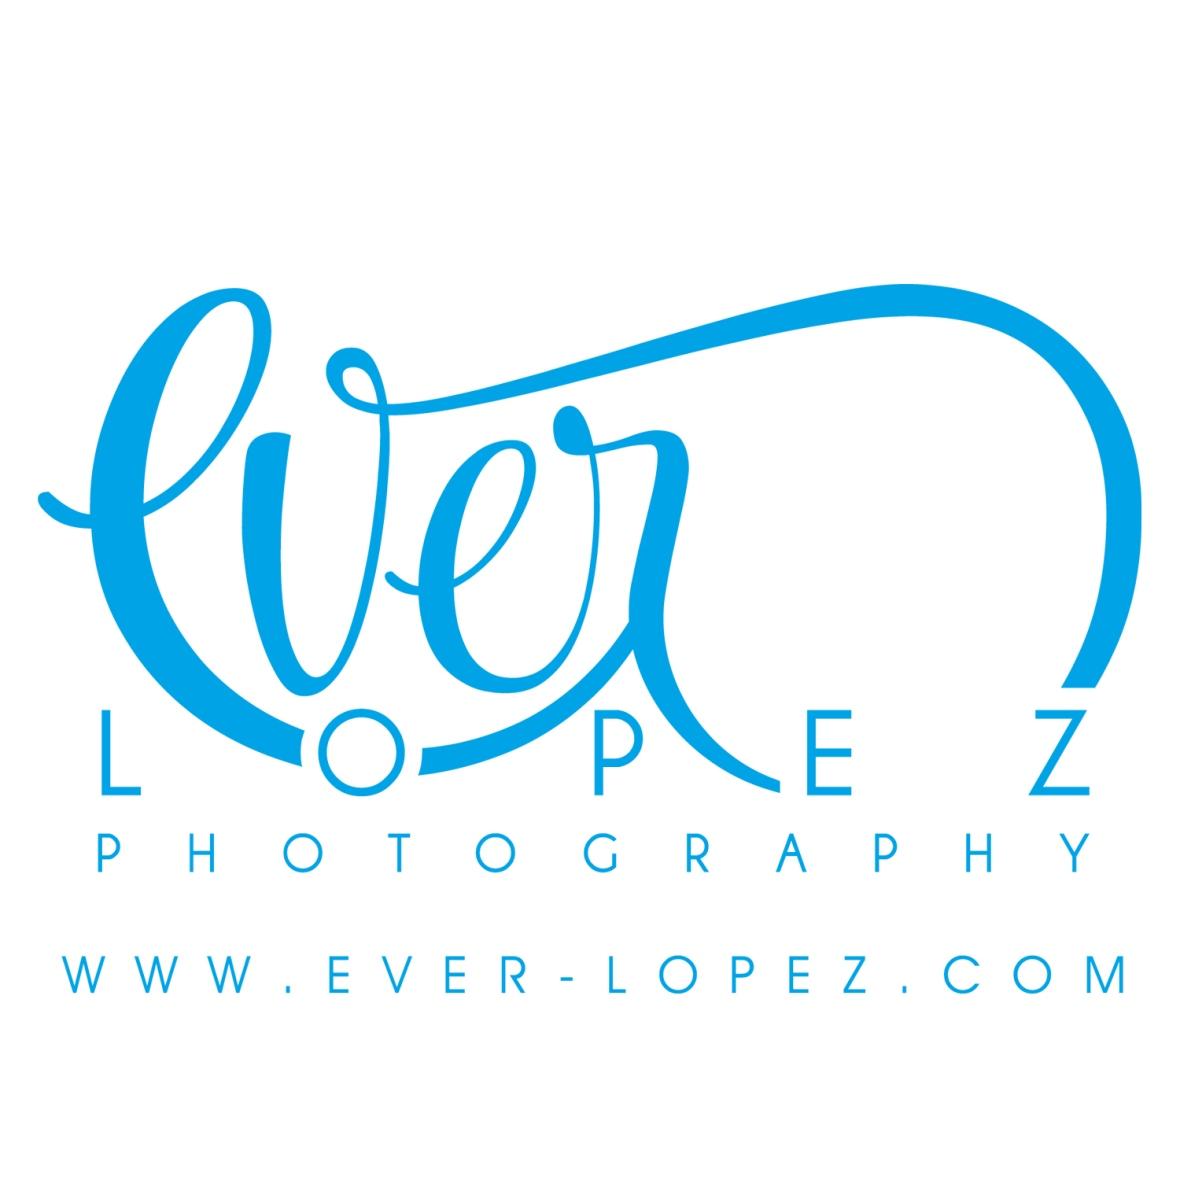 Fotografo profesional de embarazo, Guadalajara, Jalisco, Mexico. Sesion de fotos de maternidad, embarazadas. Ever Lopez